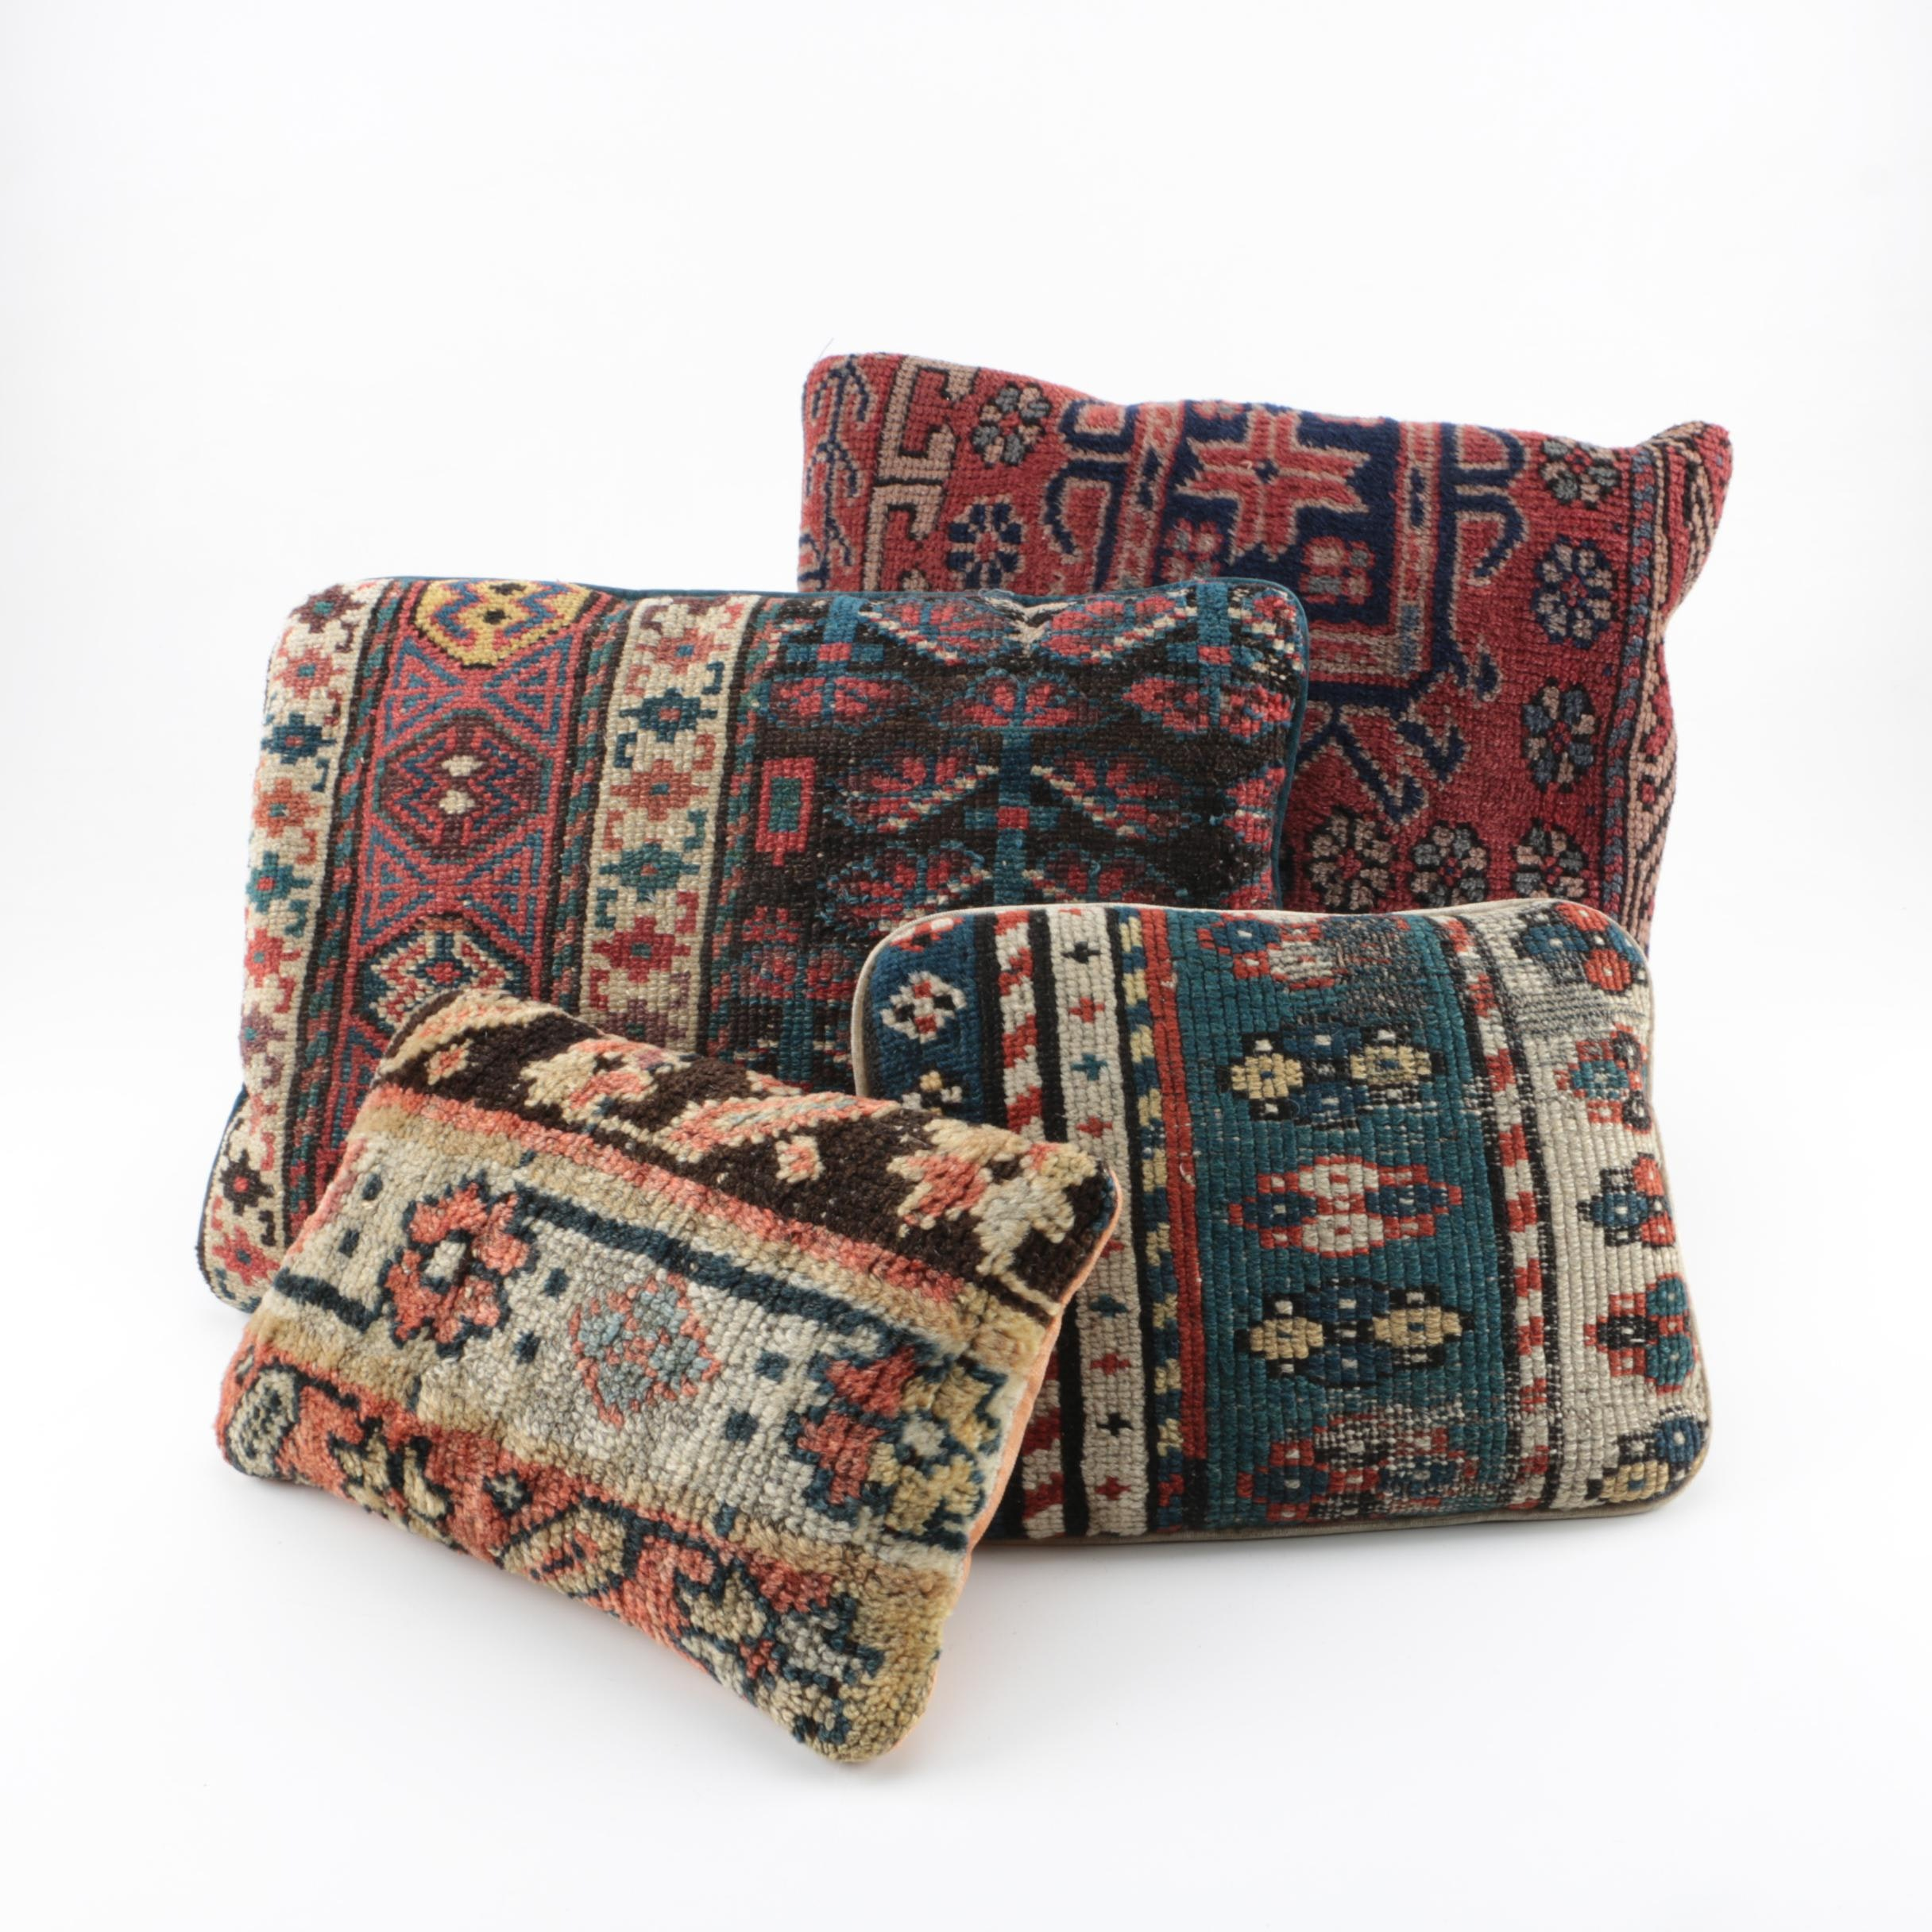 Handwoven Central Asian Rug Throw Pillows